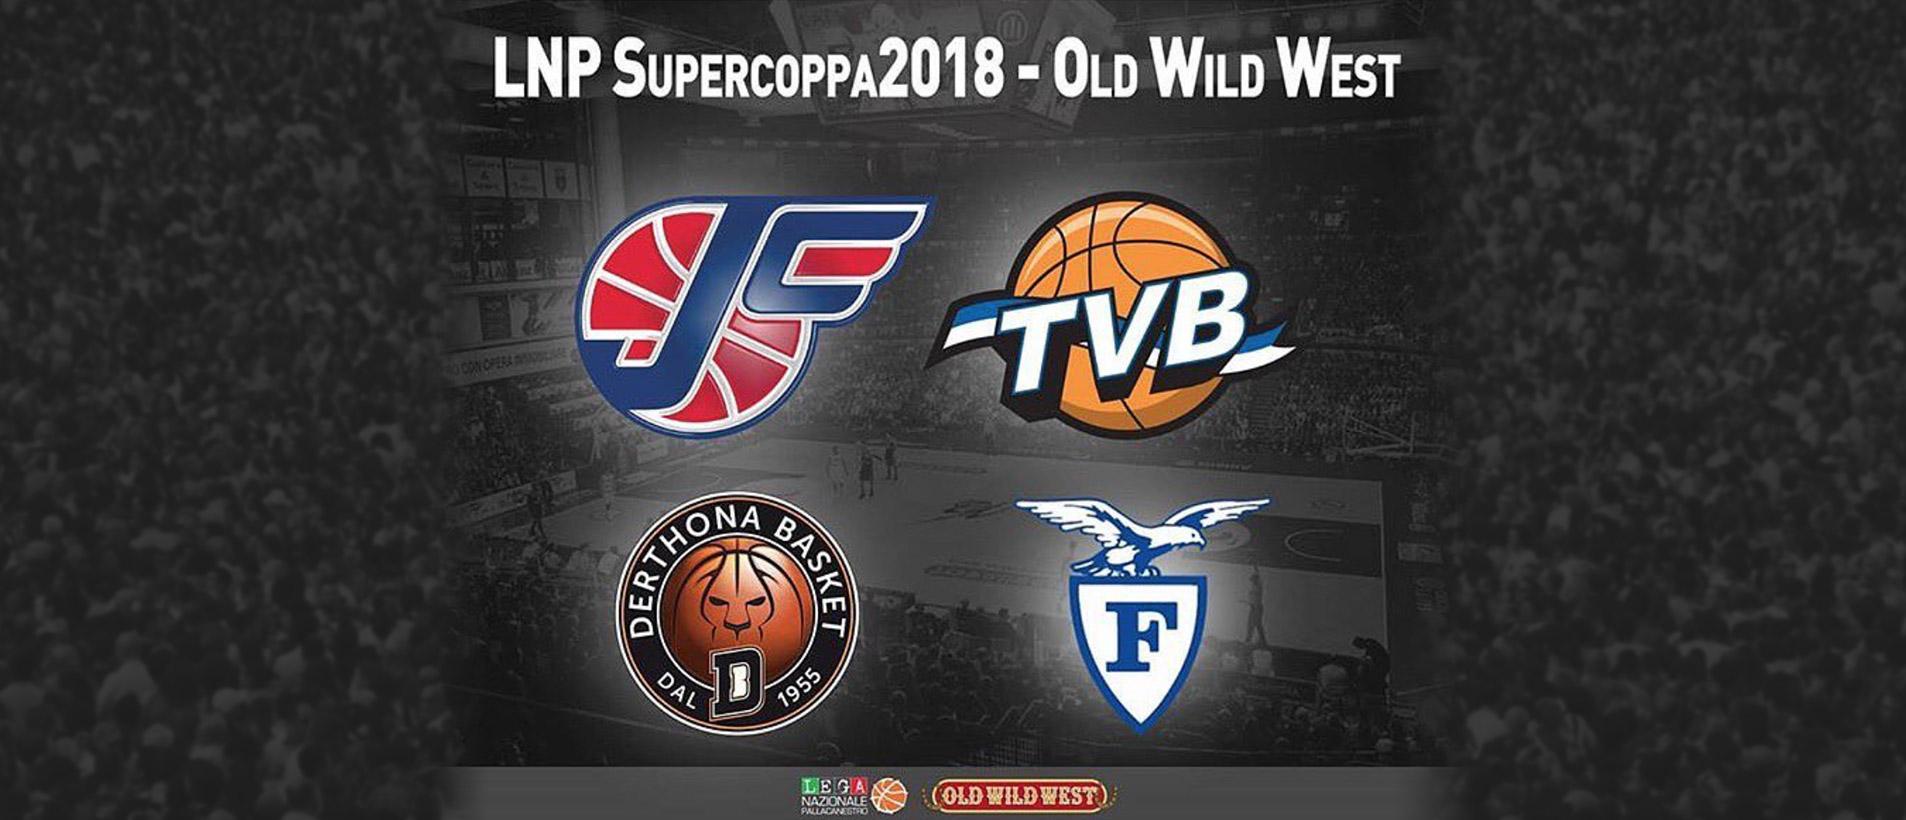 lnp supercoppa2018 old wild west derthona basket